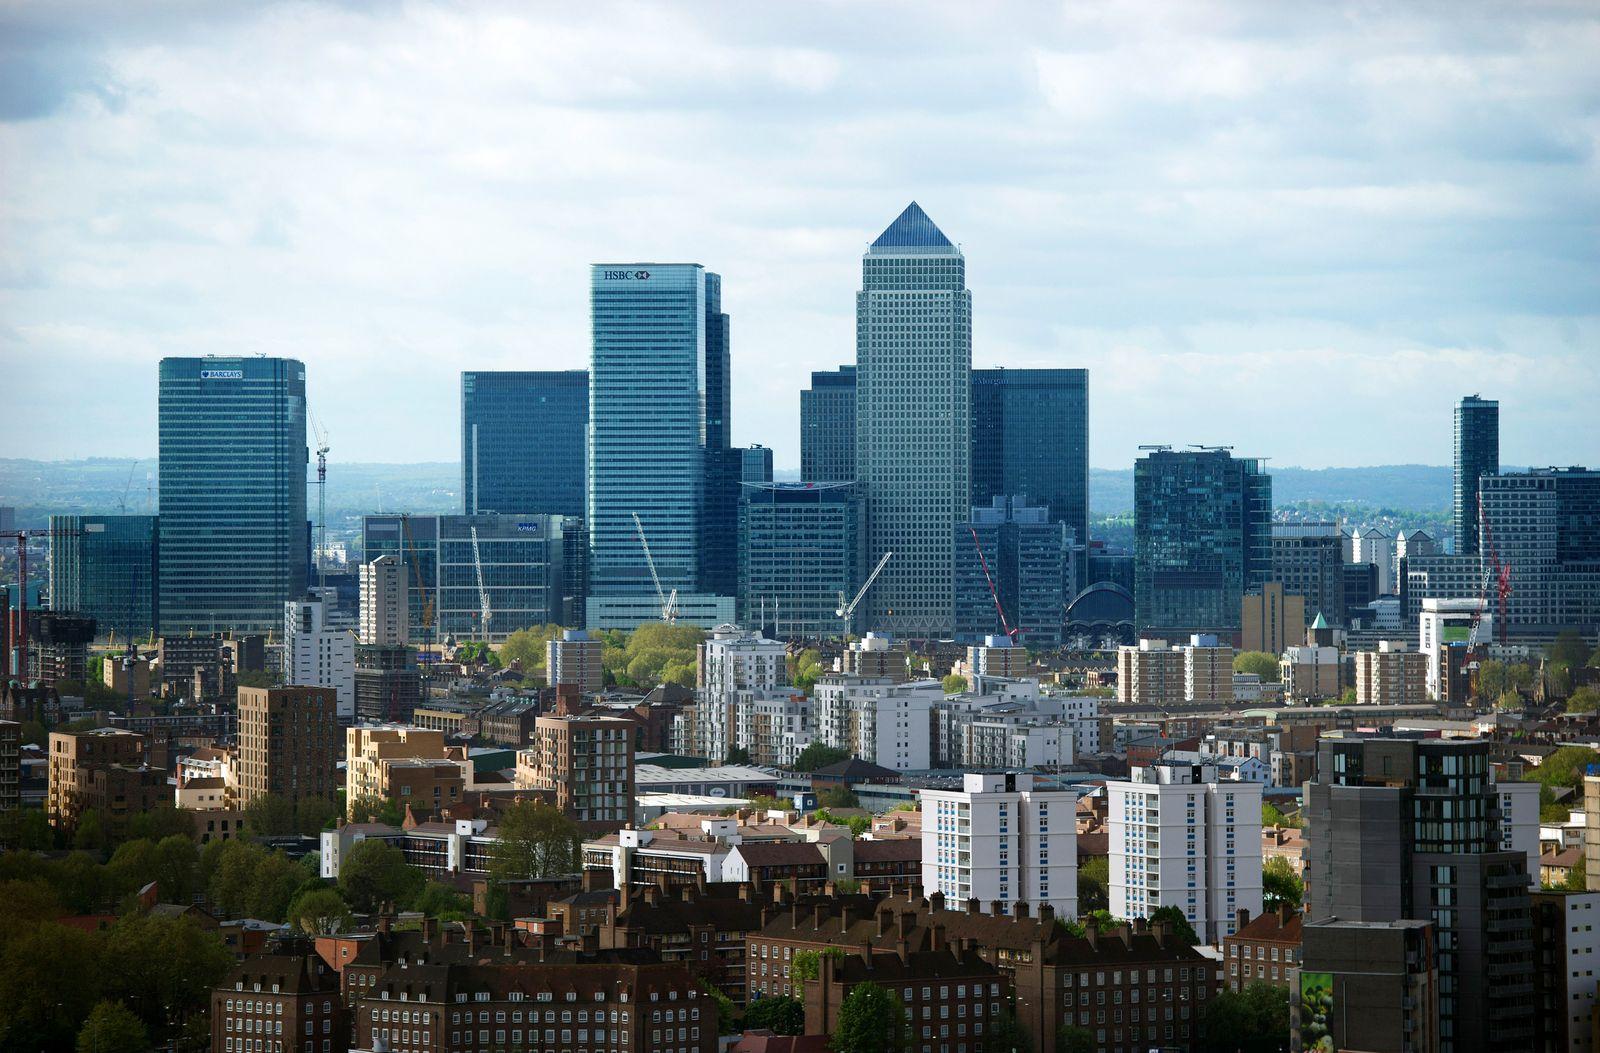 London / Banken / Banken-Viertel / EU